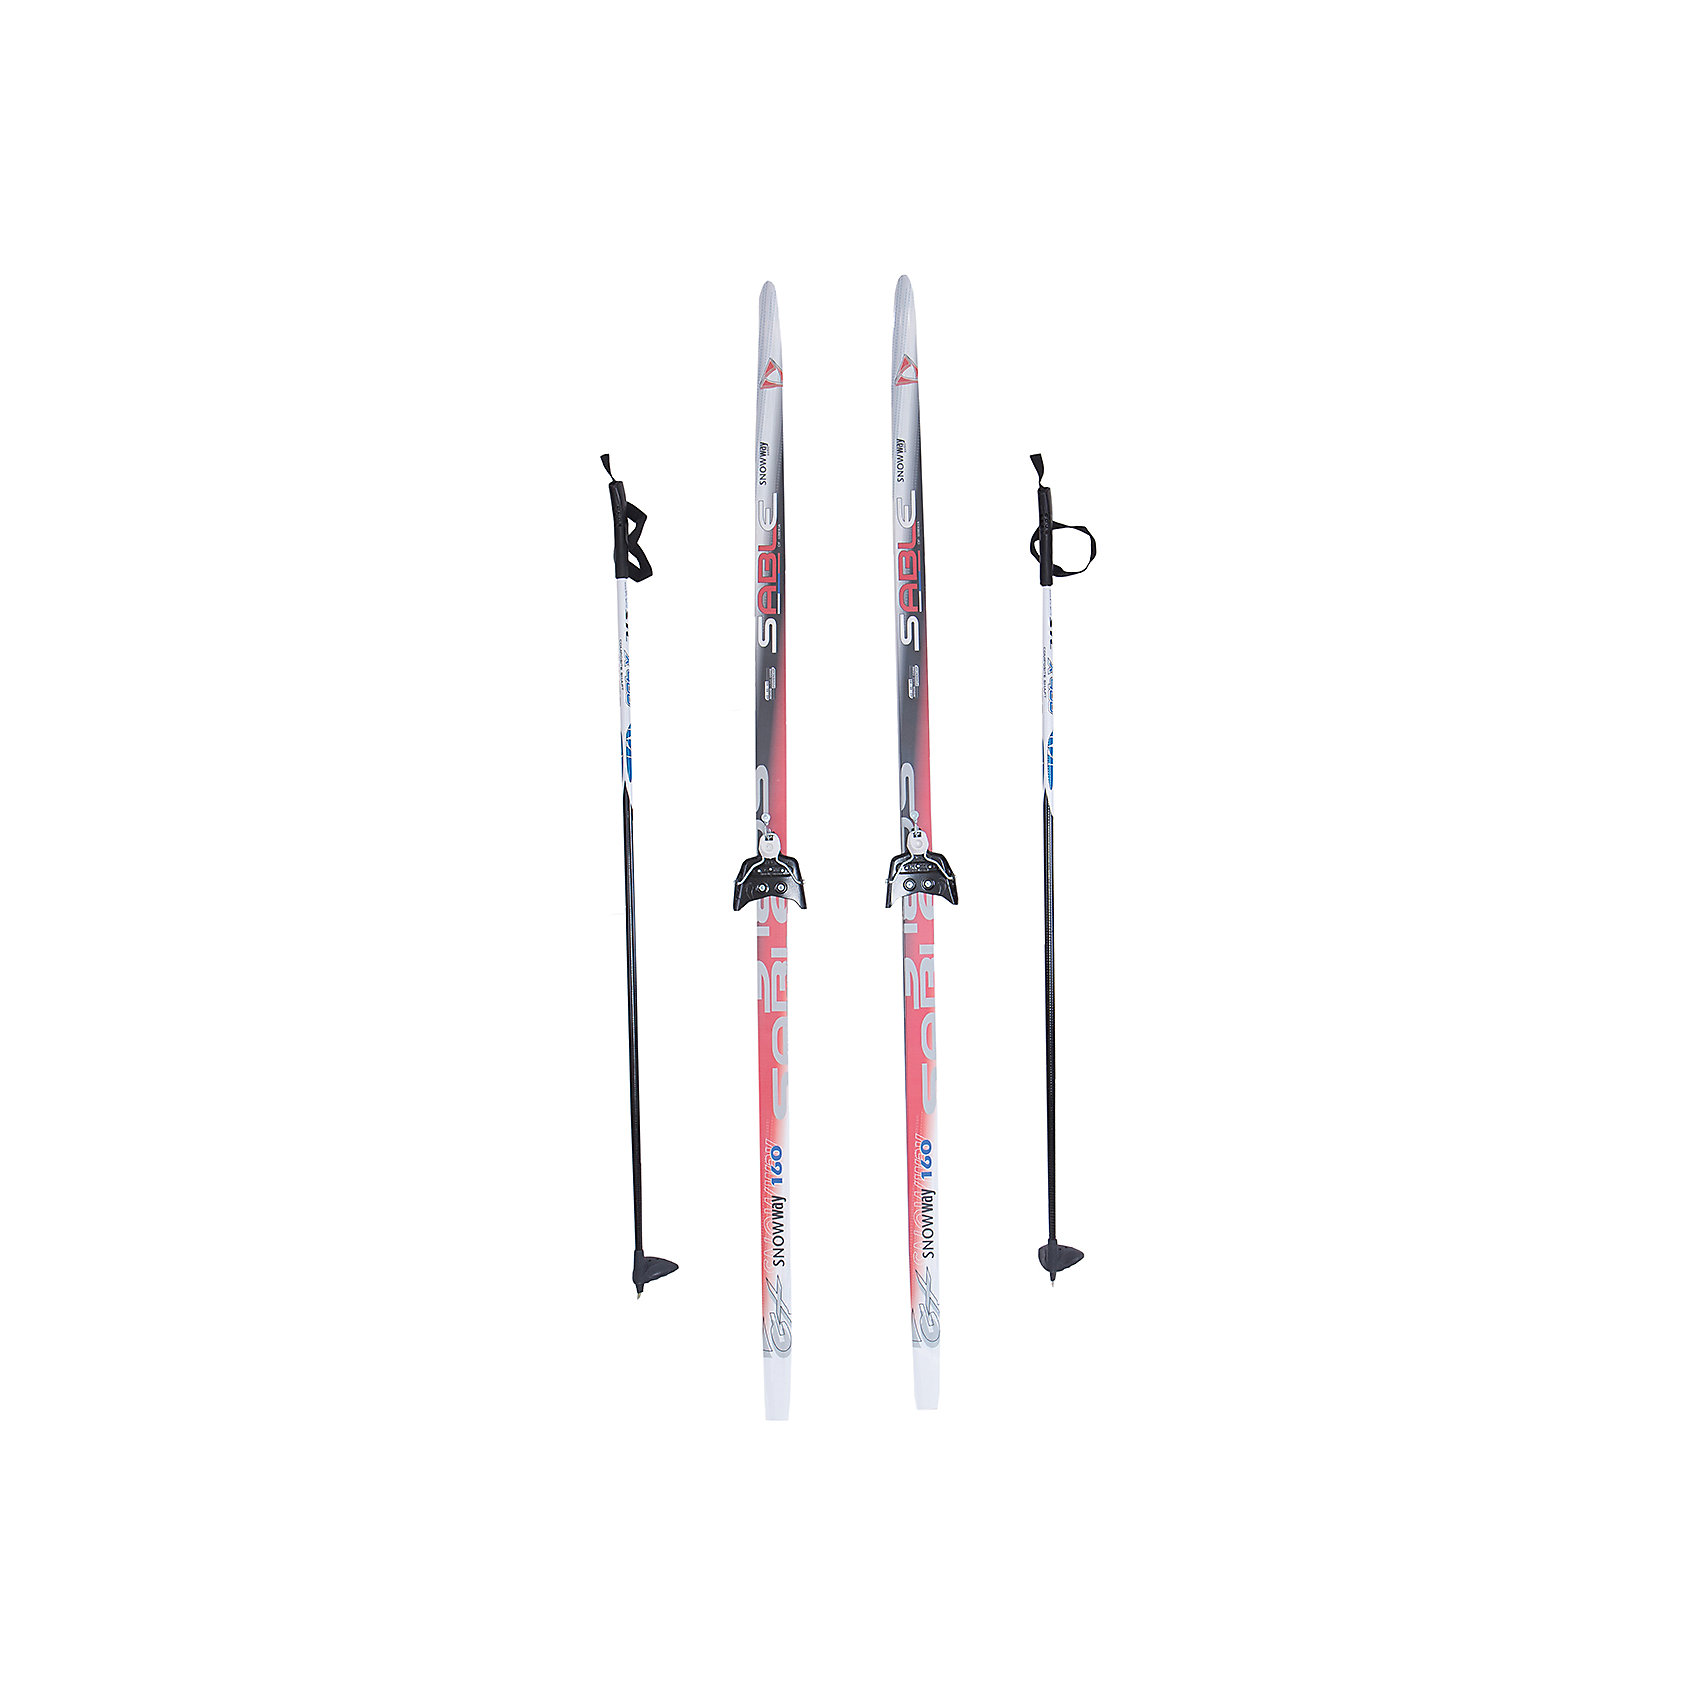 Лыжный комплект на 75мм, Соболь, красные лыжи, палки черныеОписание<br>Назначение:<br>-комплект предназначен для детей в возрасте от 12 до 15 пет;<br><br>-Современный дизайн;<br><br>Лыжи:<br>-Геометрия: 46-46-46, 44-44-44 мм;<br>-Конструкция: CAP, облегченный деревянный клин, скользящая поверхность ПНД;<br>-Ростовка: 160см;<br><br>Палки:<br>-100% стекловолокно<br>-Ручки с темляком;<br><br>Крепления:<br><br>- 75 мм.<br><br>Лыжные комплекты выпускаются без насечки<br>Страна-производитель: Россия<br><br>Ширина мм: 130<br>Глубина мм: 100<br>Высота мм: 1600<br>Вес г: 1580<br>Цвет: разноцветный<br>Возраст от месяцев: 120<br>Возраст до месяцев: 192<br>Пол: Унисекс<br>Возраст: Детский<br>Размер: 160<br>SKU: 5204725